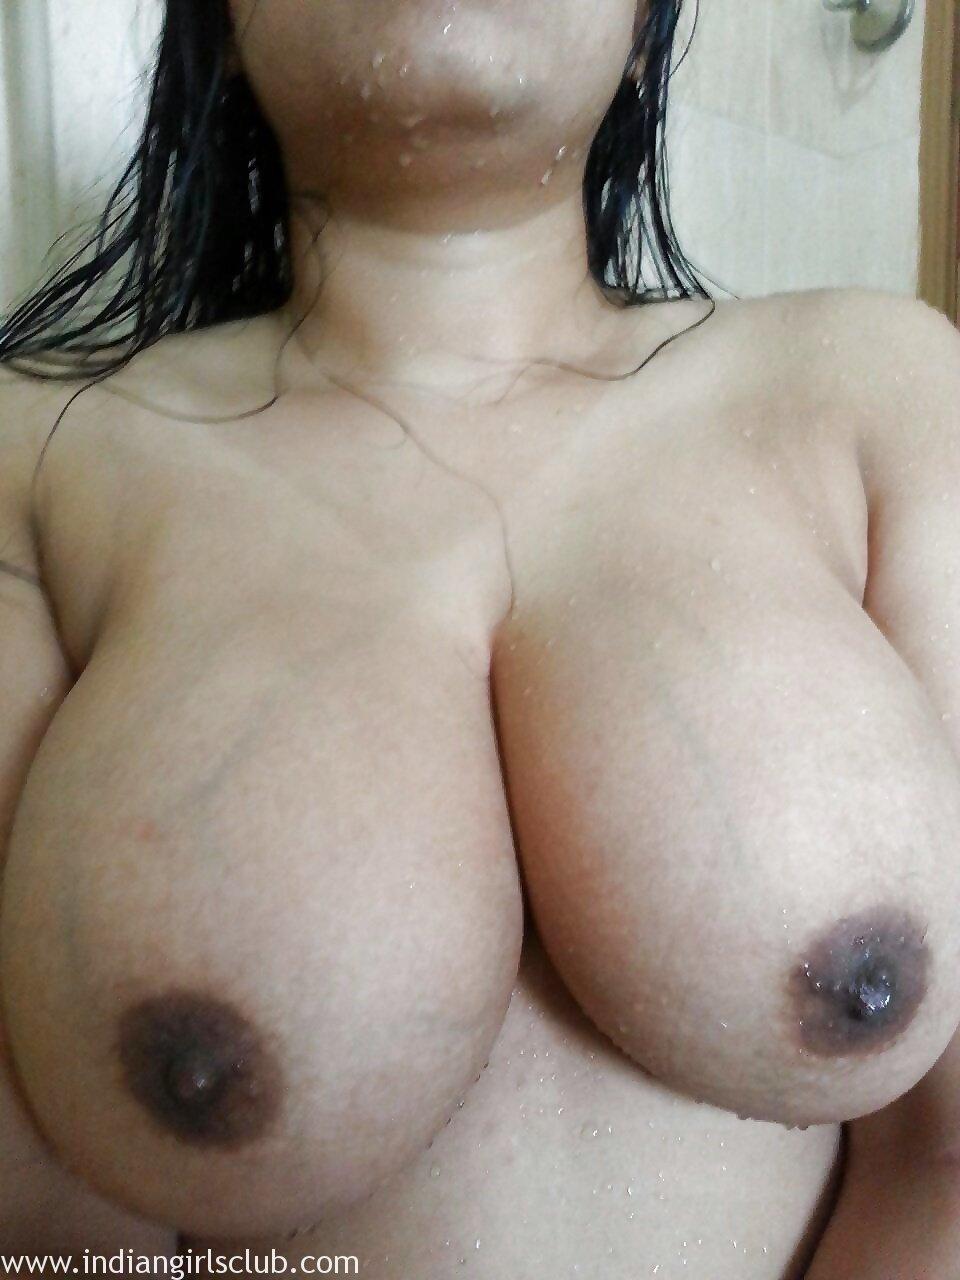 Anita Doodhwali Indian Babe Shower Photos Indian Girls Club